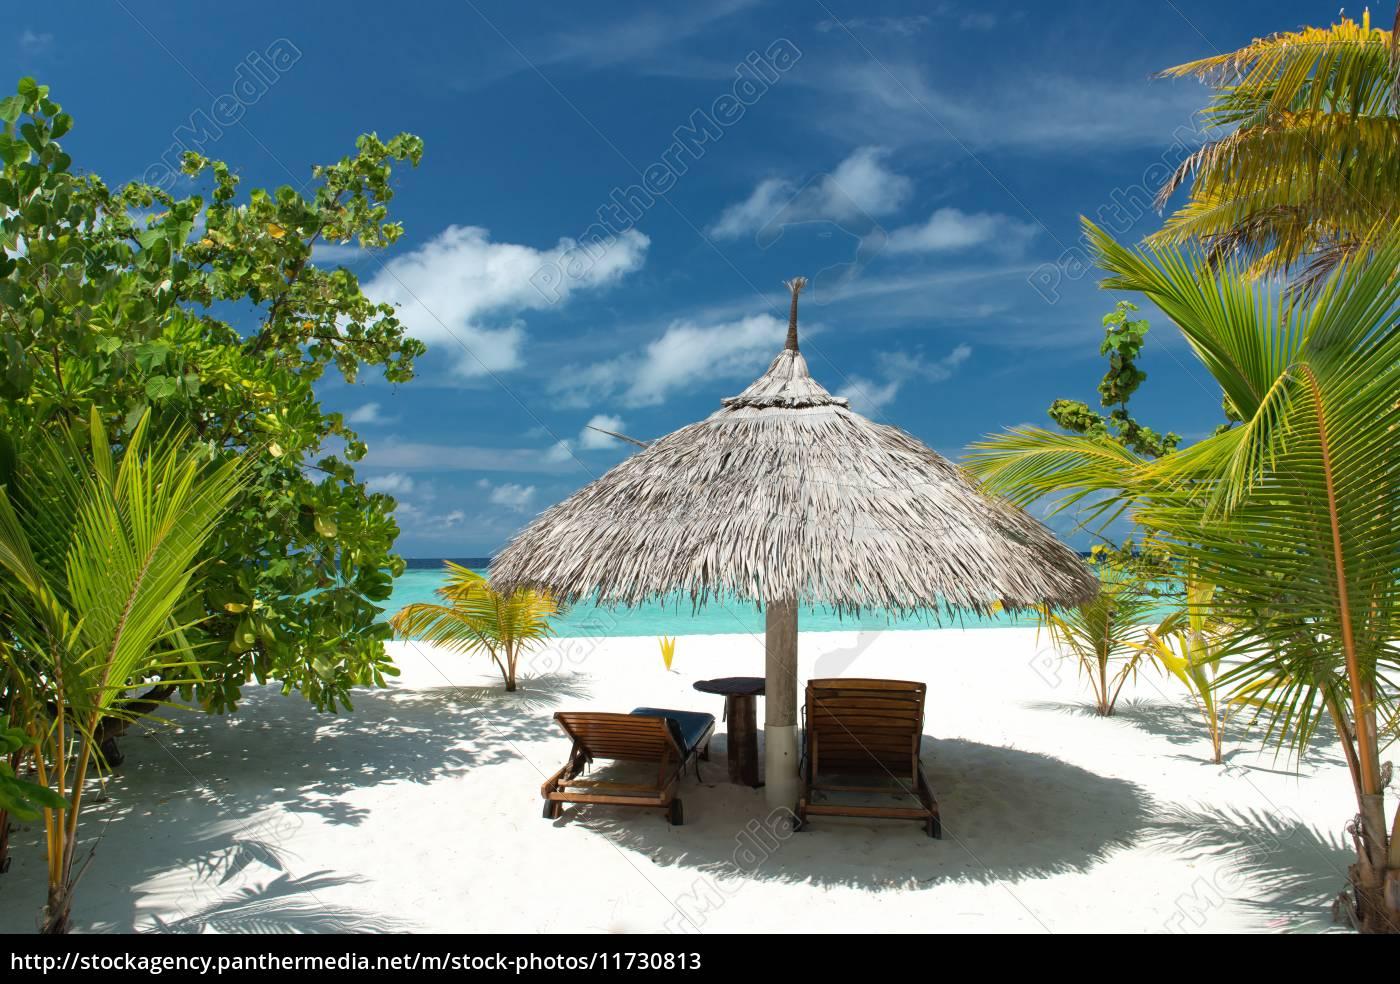 liegestuhl mit sonnenschirm am strand  stockfoto